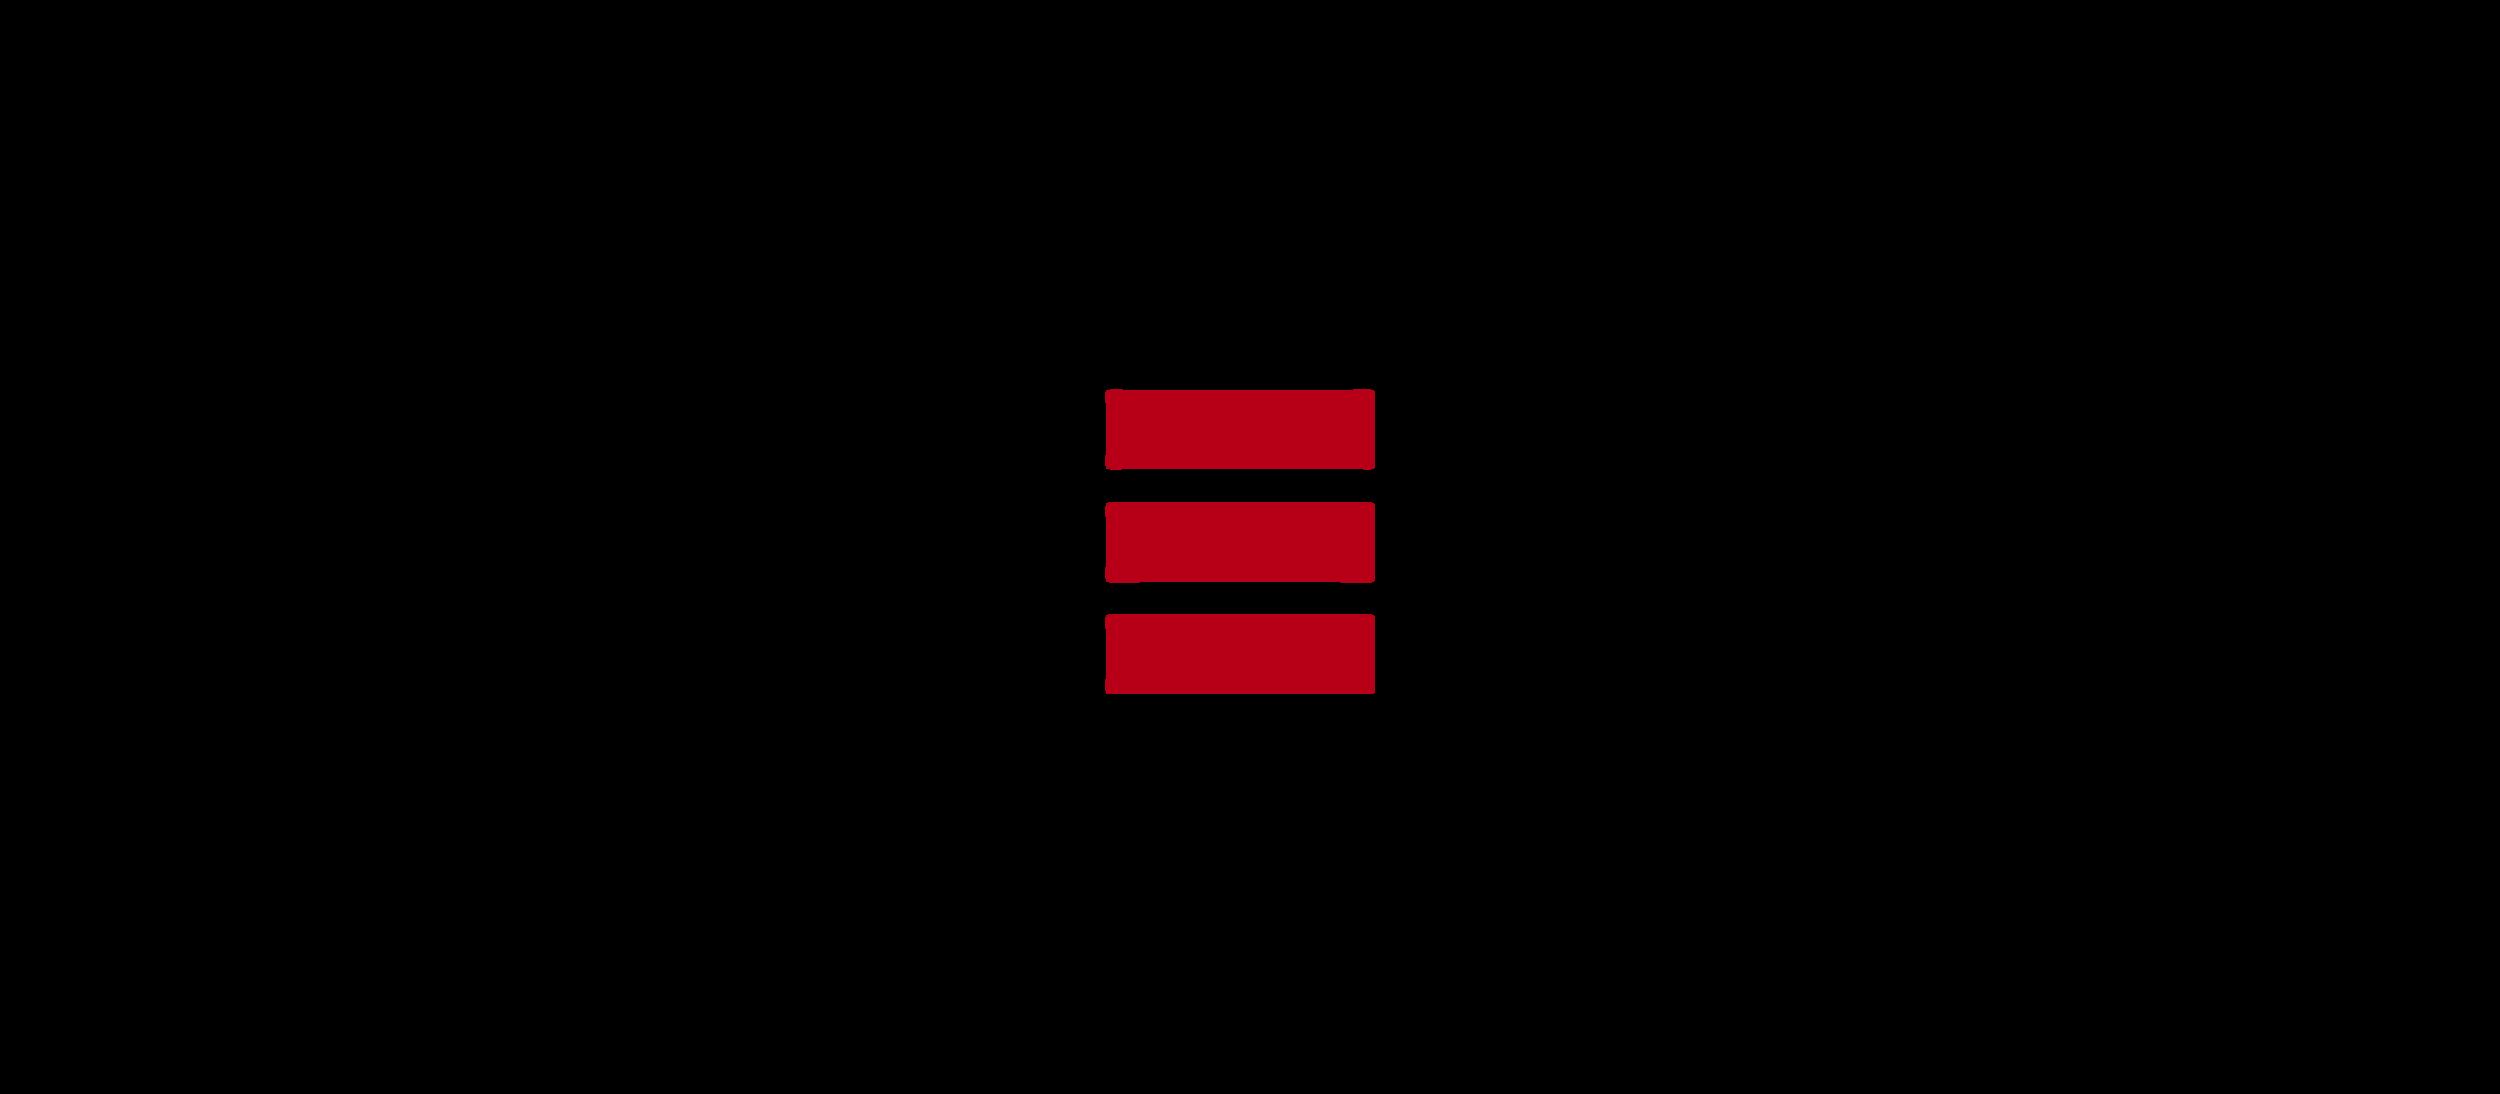 Copy of Humboldt_Logo_Black_01.png